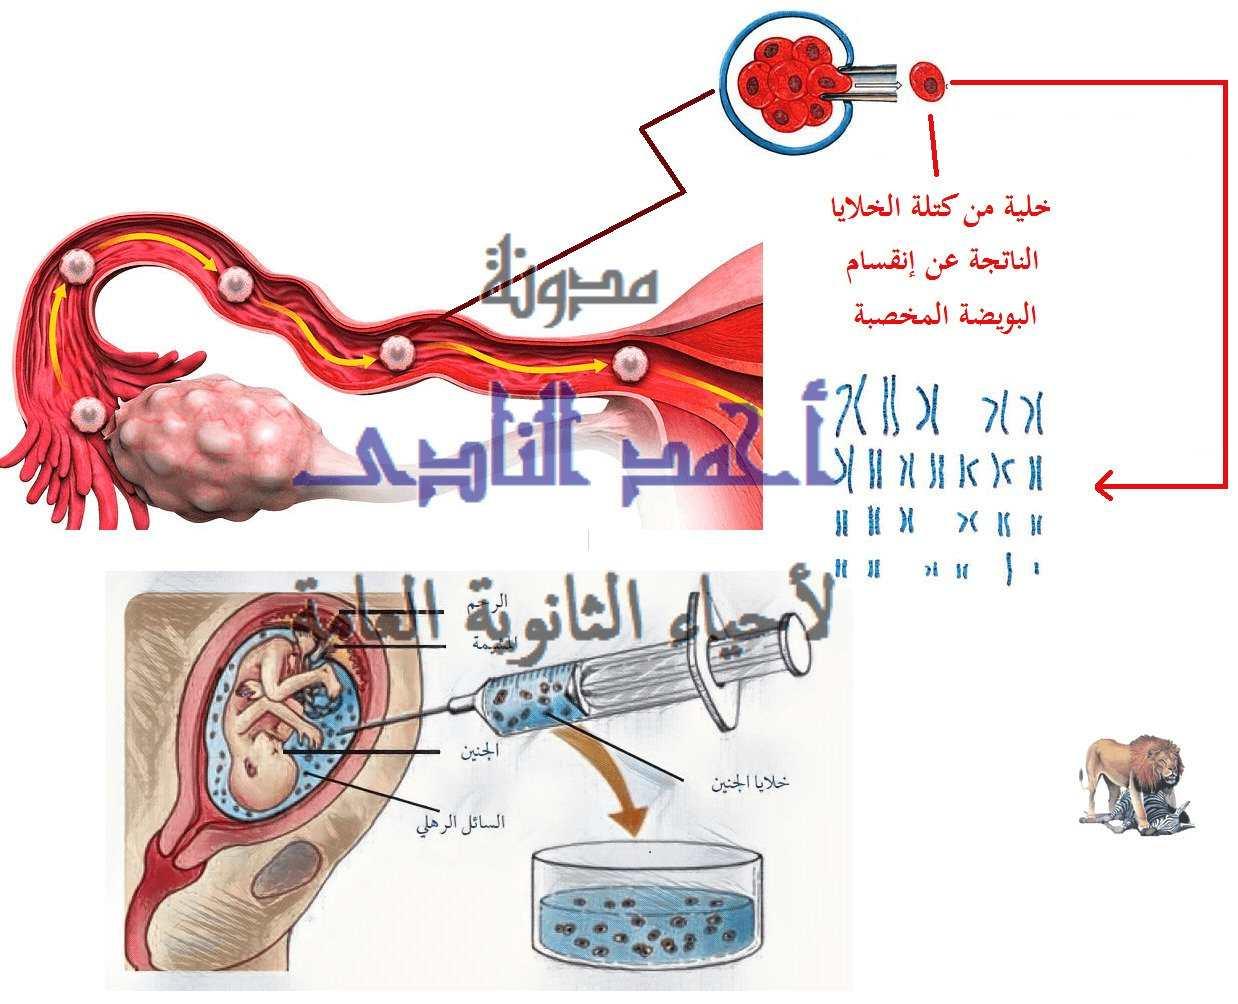 الجينوم البشرى - العلاج الجينى- مدونة أحمد النادى لأحياء الثانوية العامة